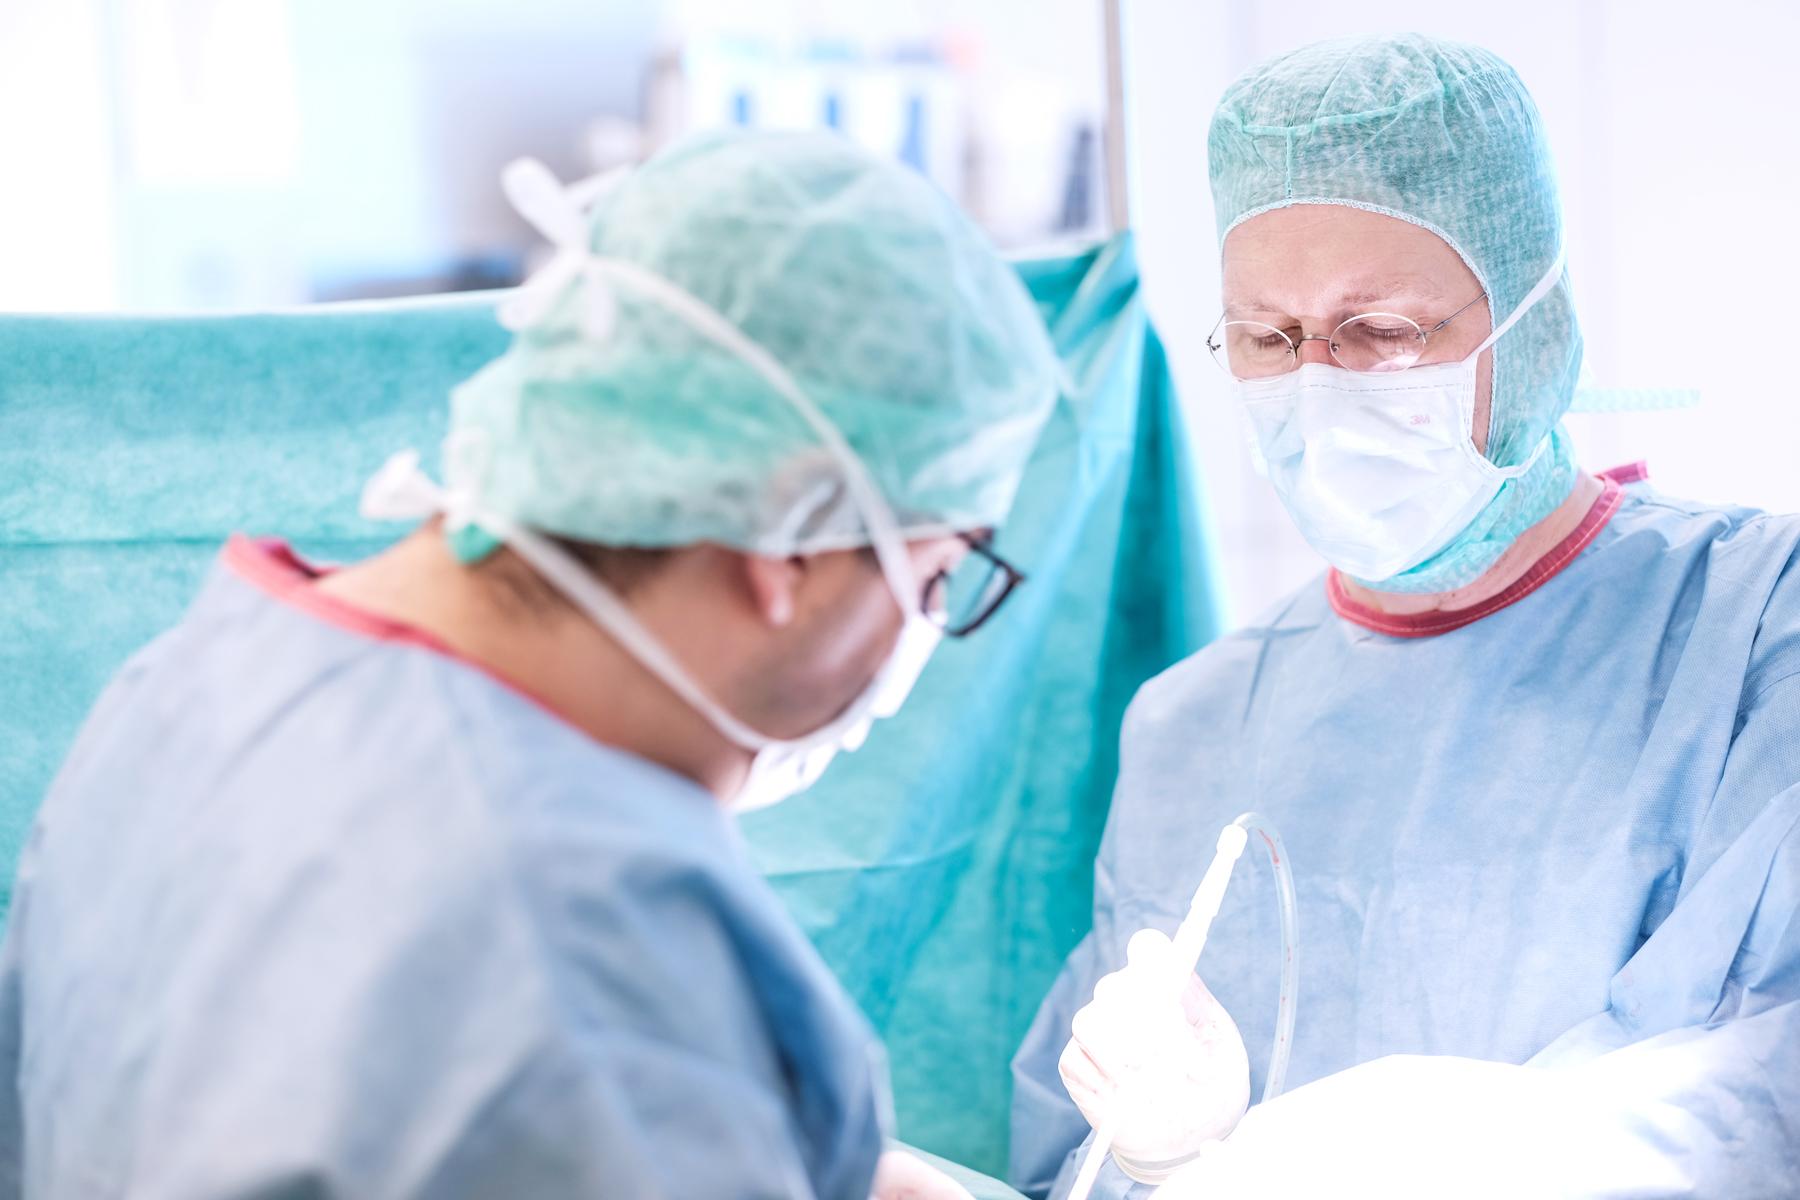 Dr. Micha Bahr, Direktor der Klinik für Kinder- und Jugendchirurgie im Klinikum Ingolstadt, im OP